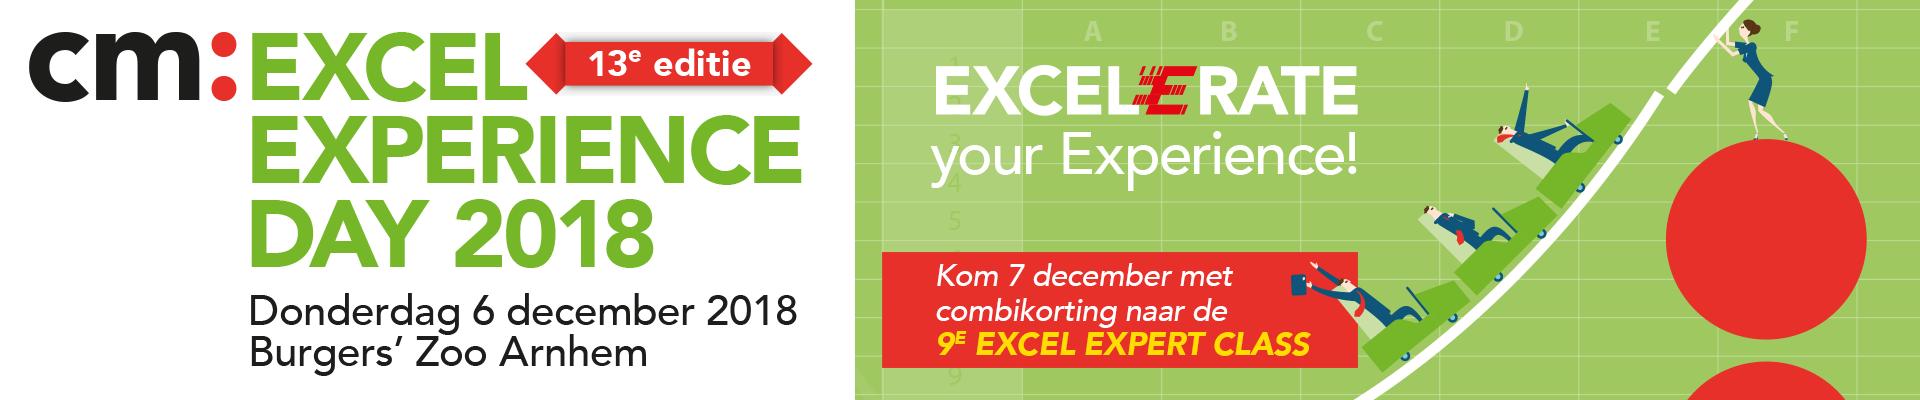 Header_ExcelExperienceday2018_1920x400